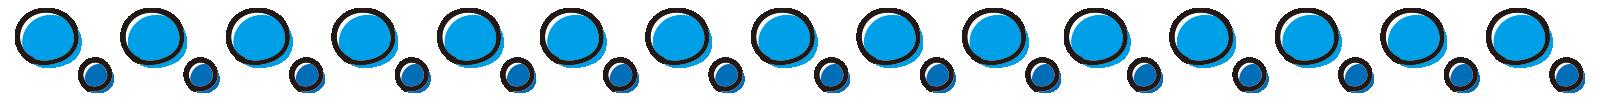 青い水玉のライン